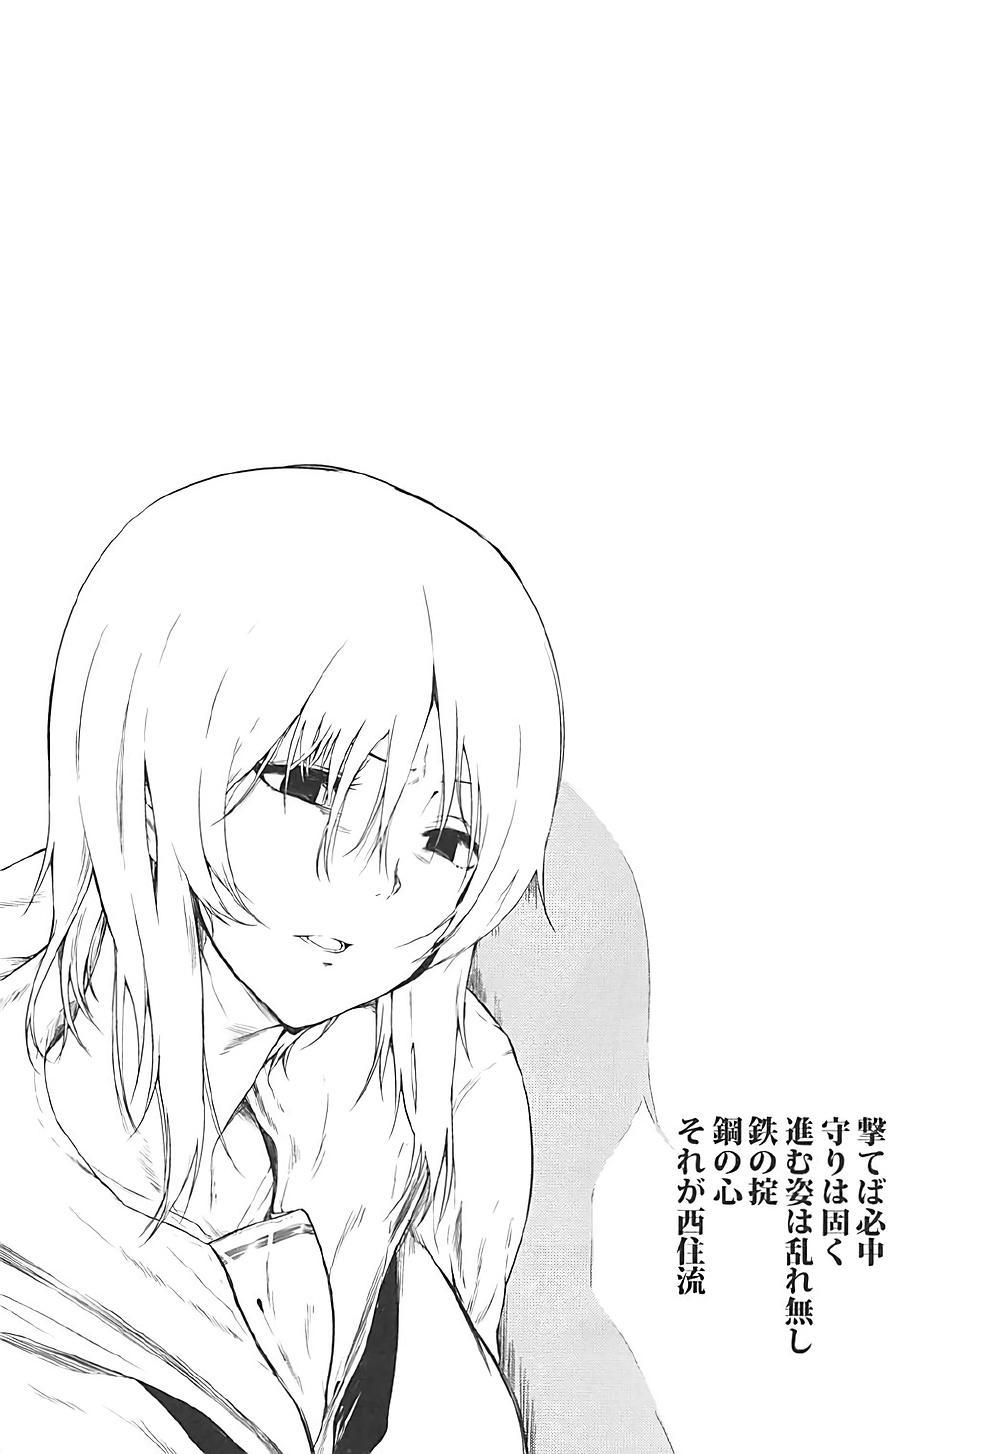 Rorinoutage Sairokushuu 48